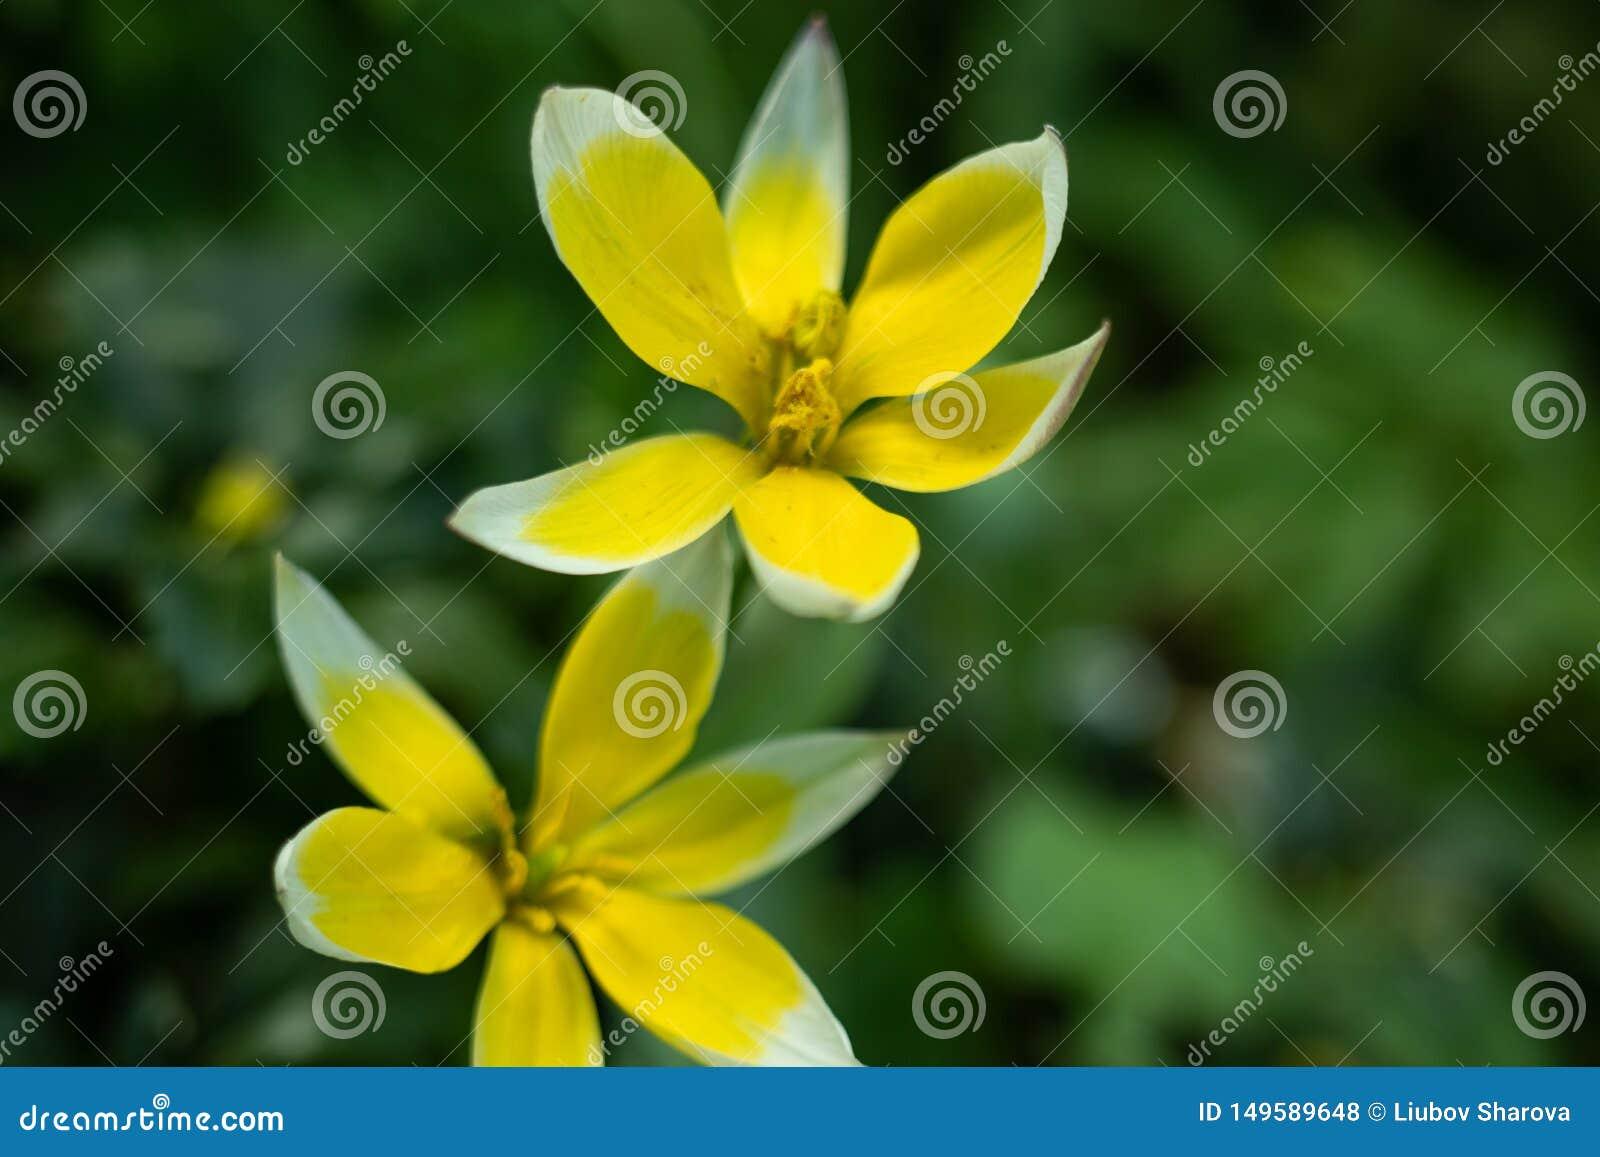 一种异常的颜色的郁金香花的宏观射击在被弄脏的绿色背景的